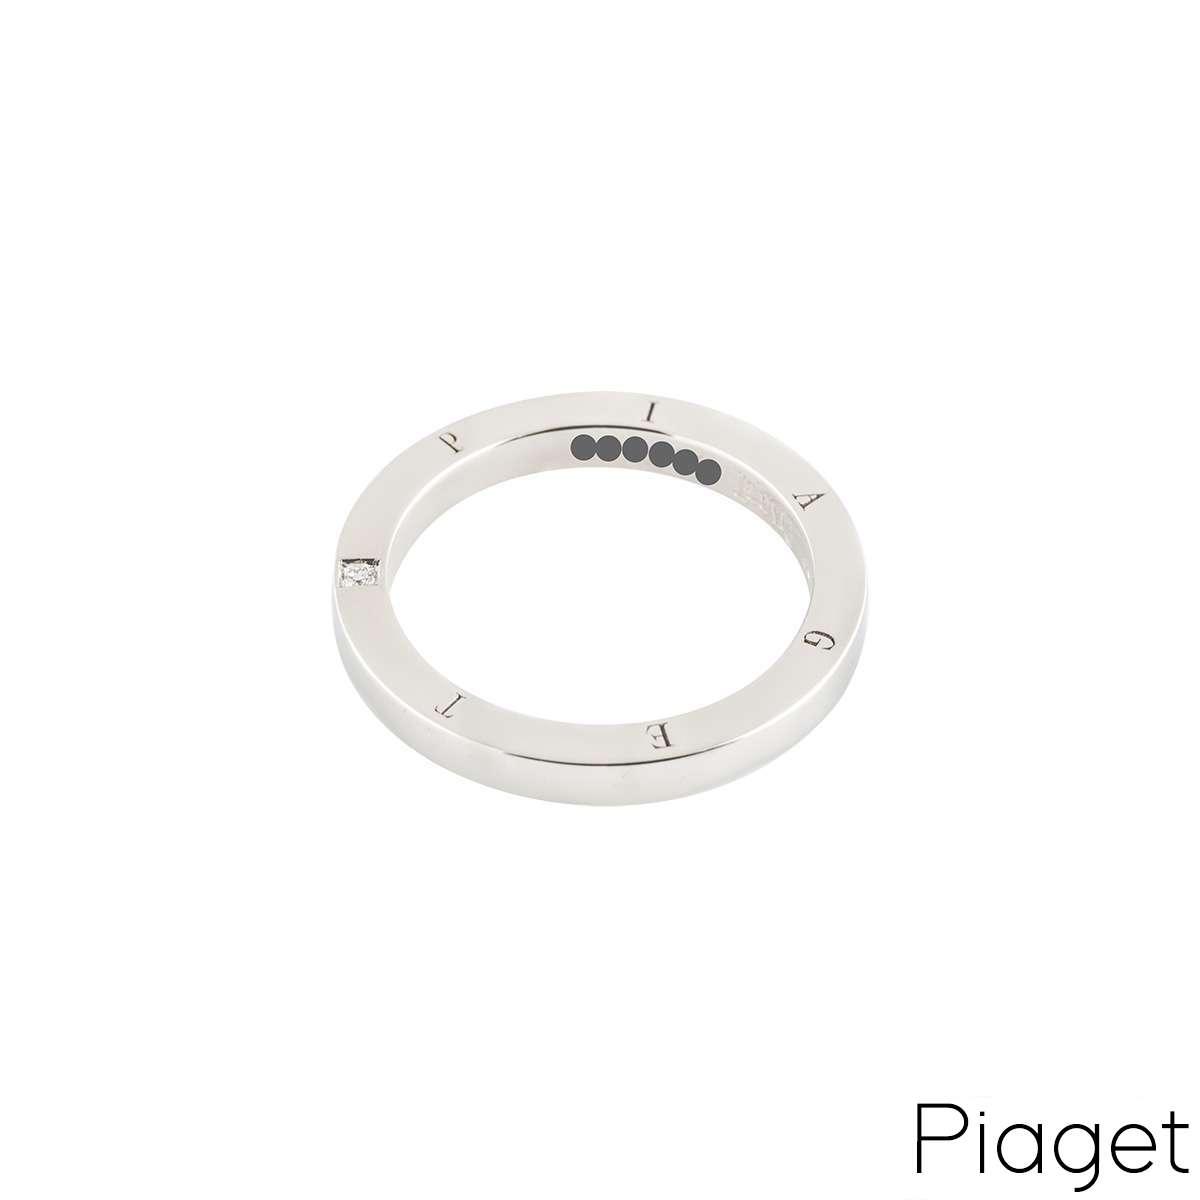 Piaget Diamond Set Wedding Band in Platinum